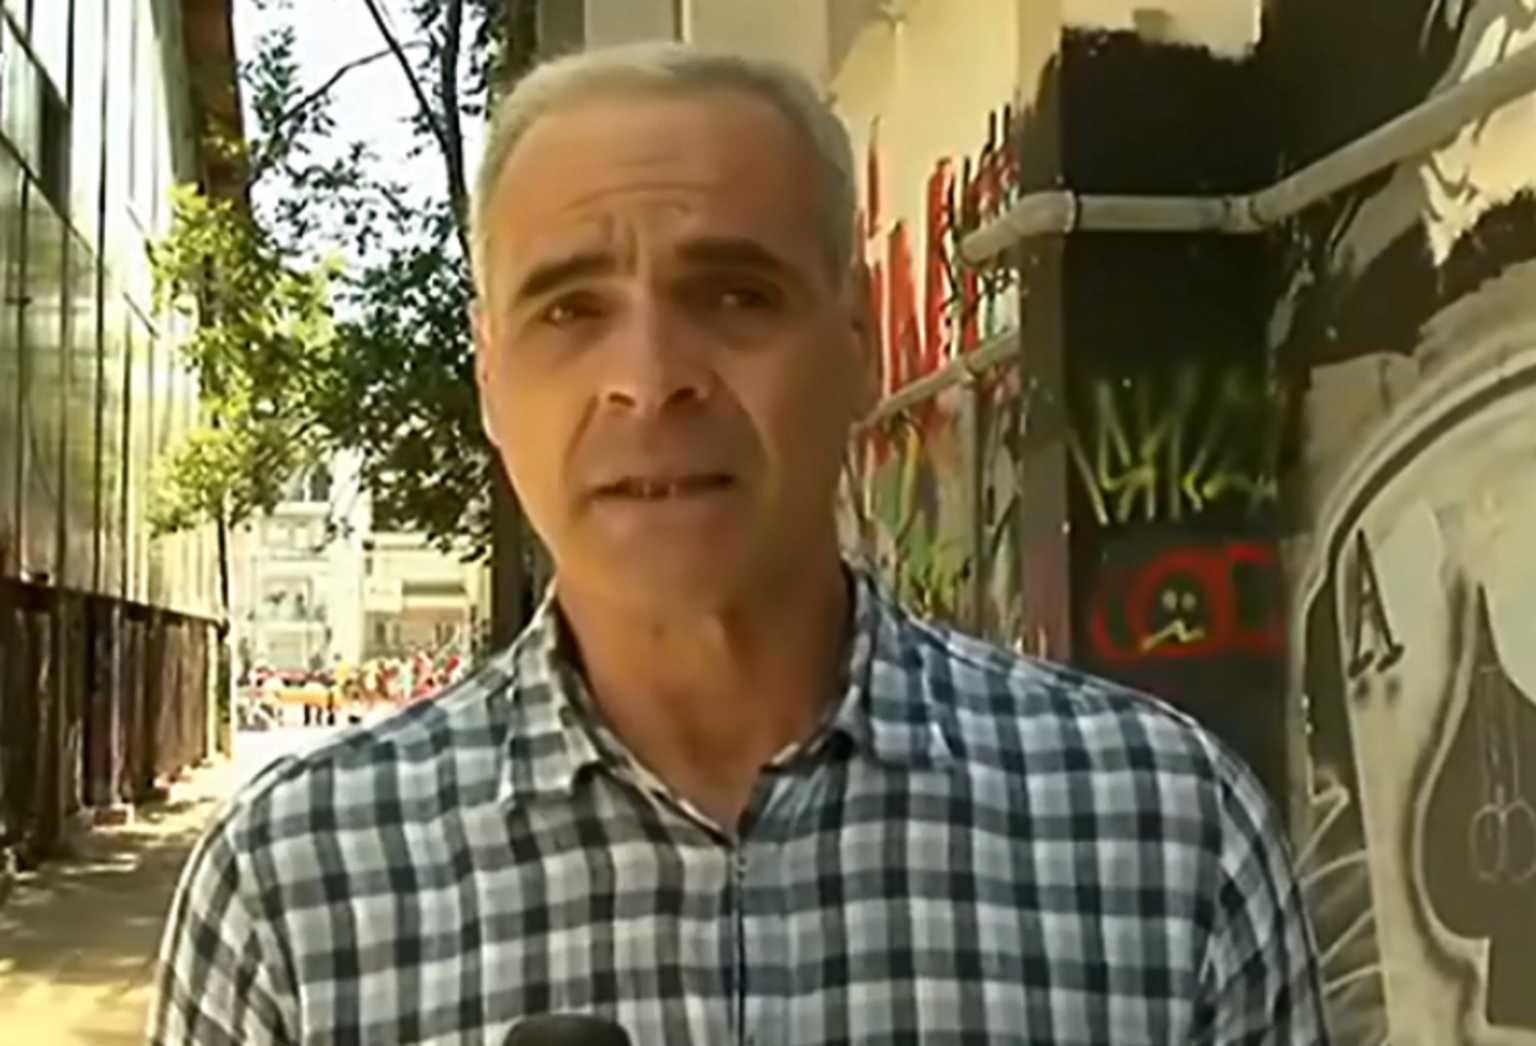 Πέθανε ο Κώστας Μπατής! Θρήνος για το ελληνικό μπάσκετ και τη δημοσιογραφία